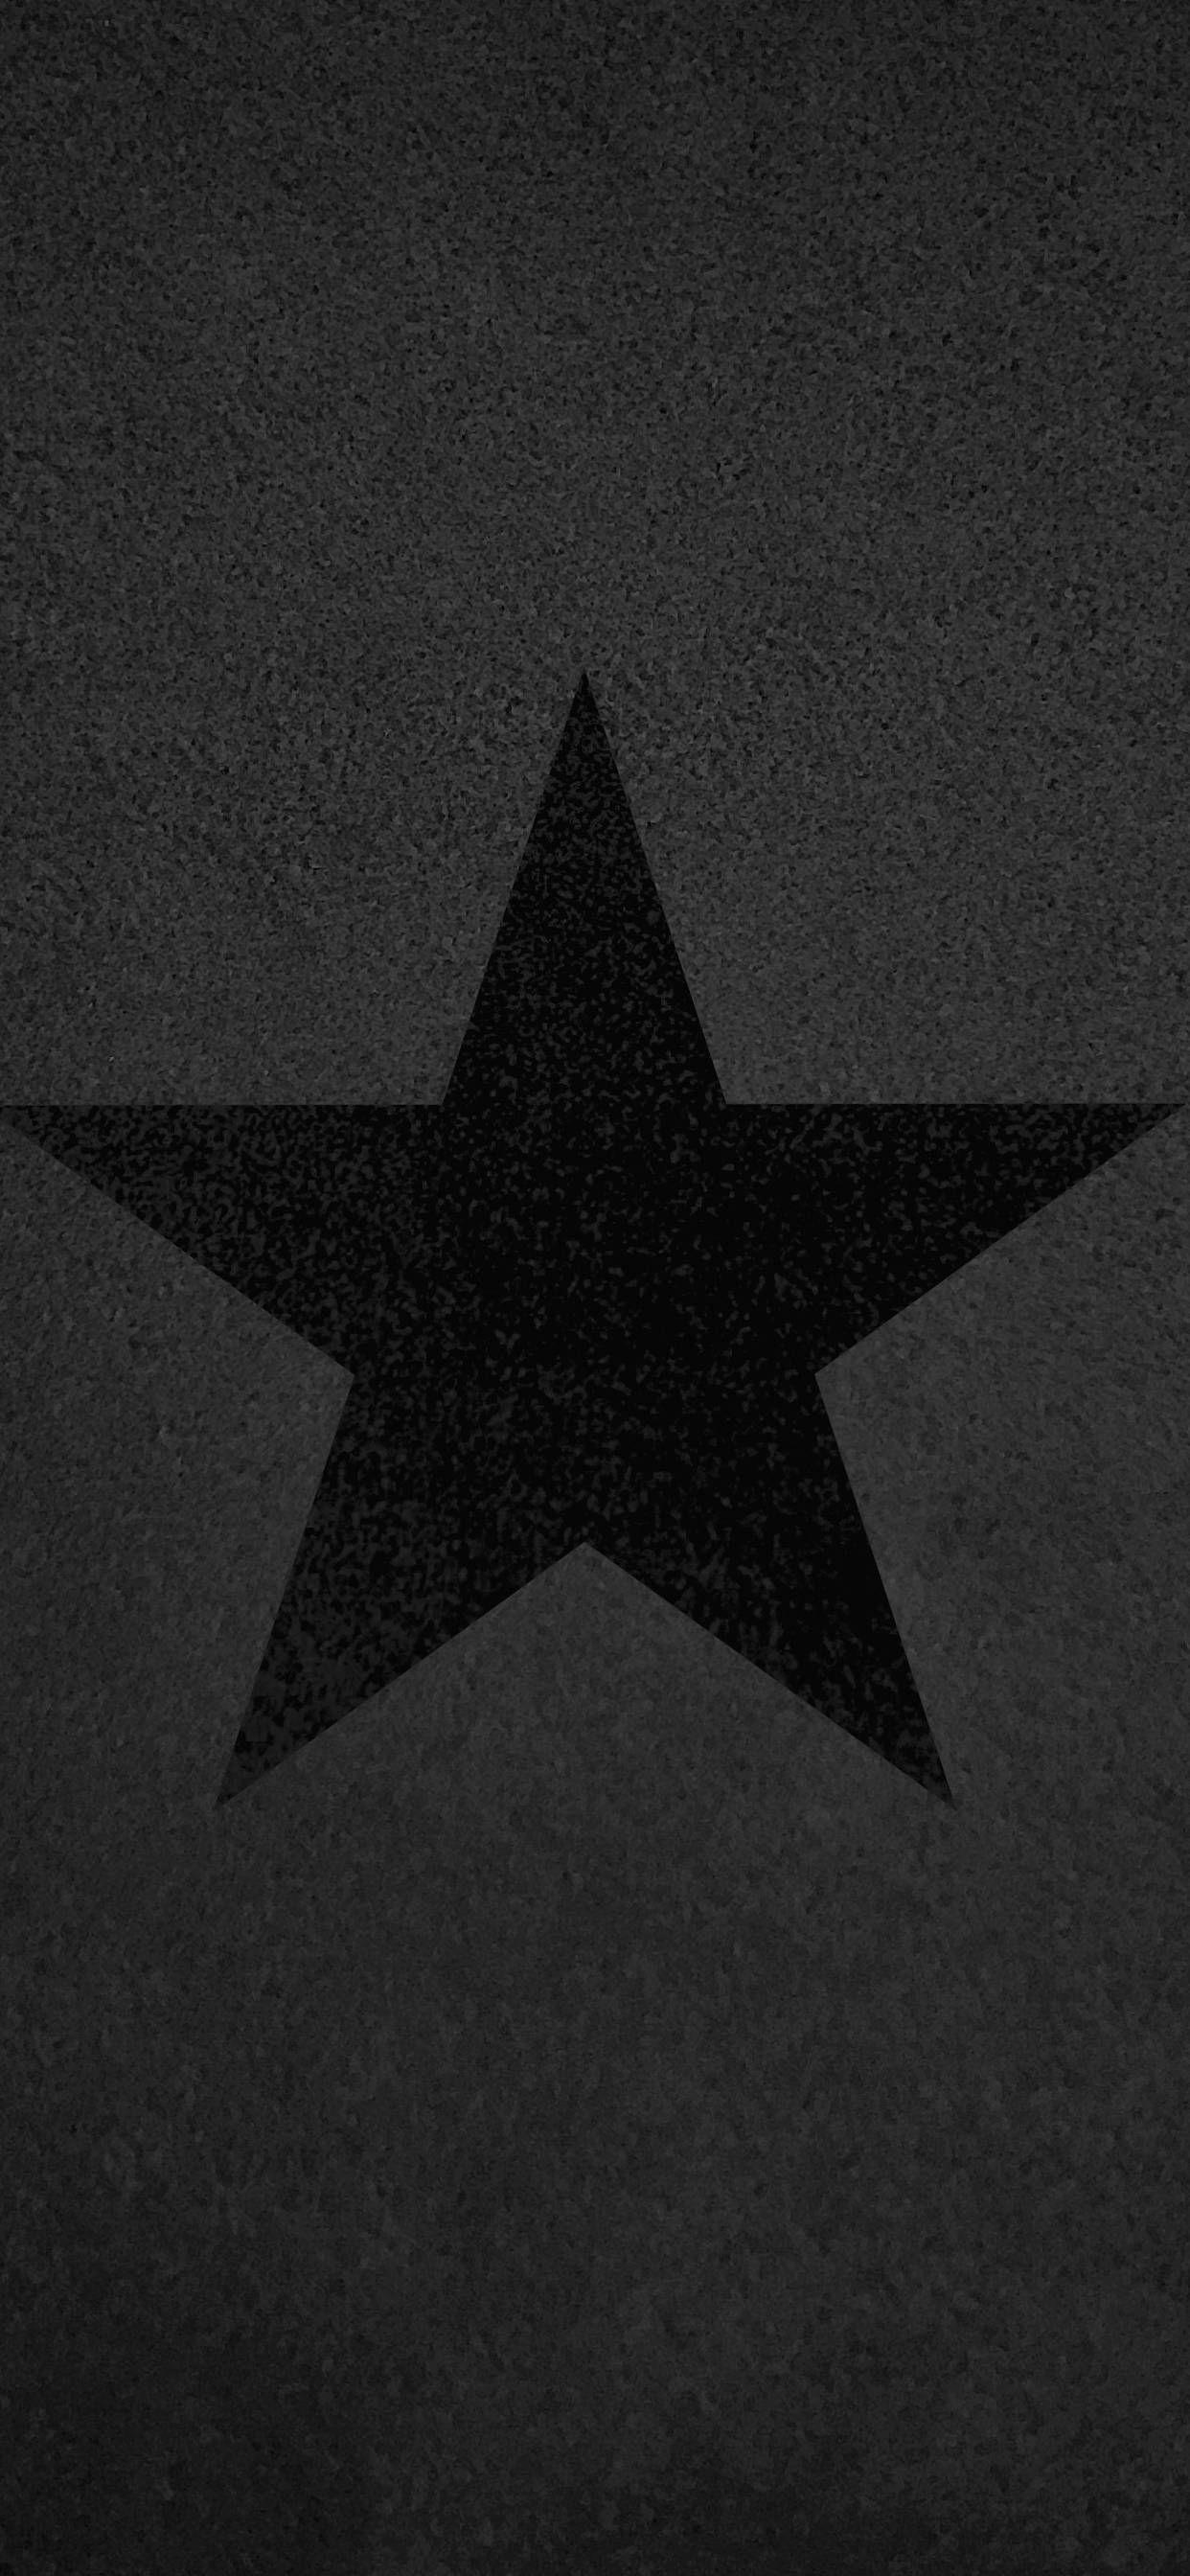 Black Star Black Wallpaper Underarmor Logo Under Armor